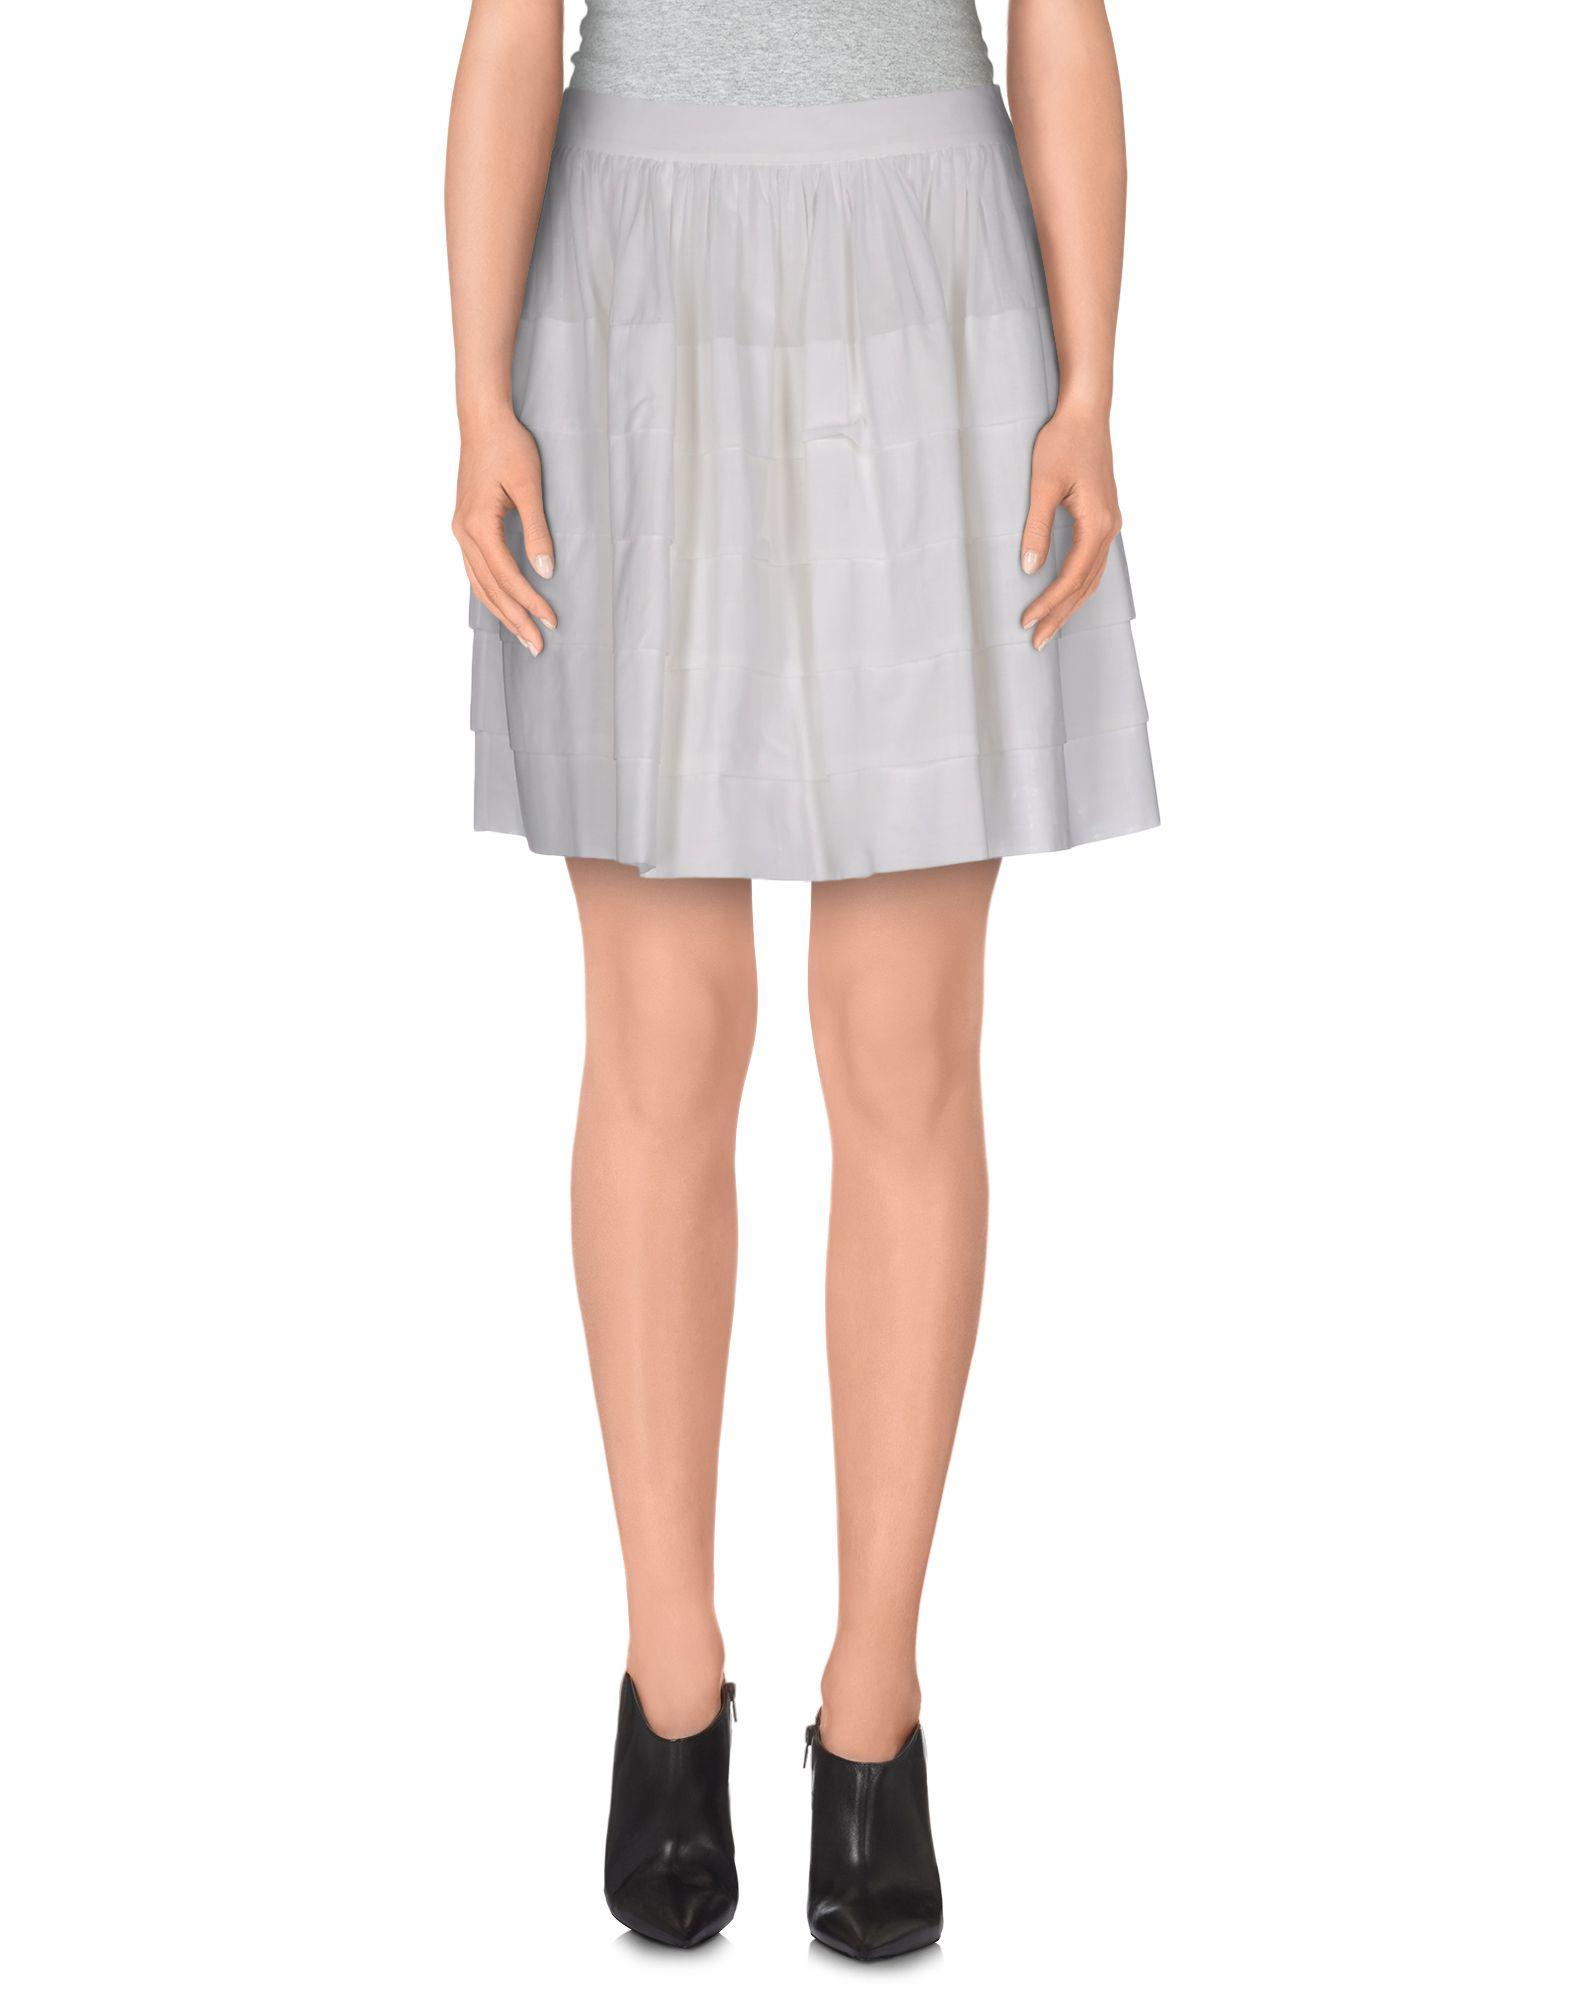 michael kors mini skirt in white save 75 lyst